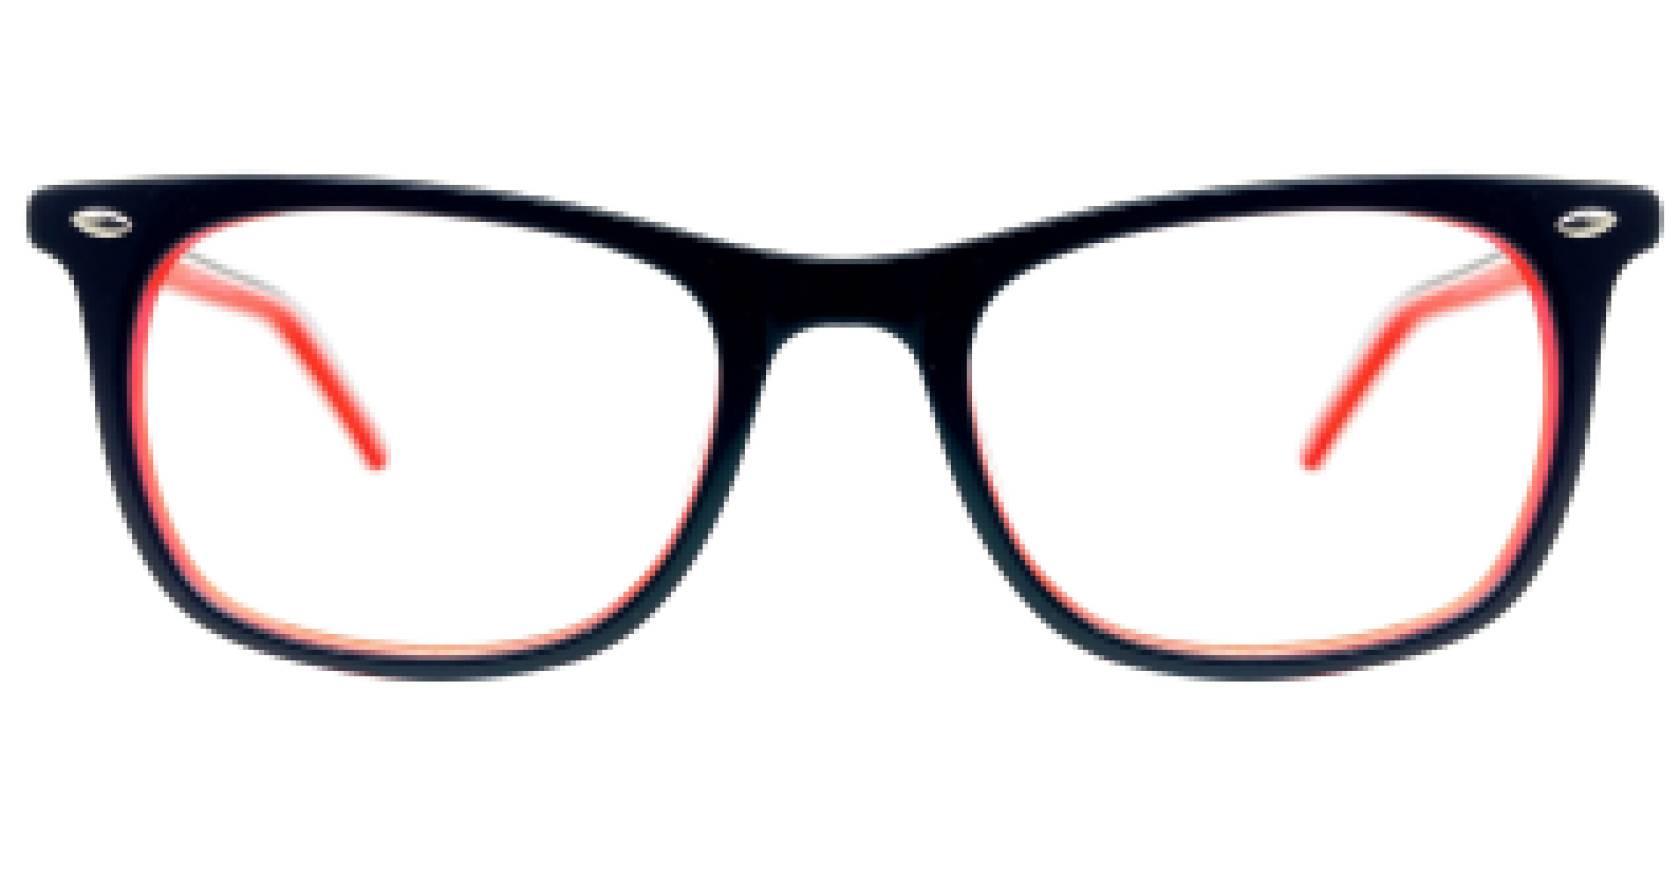 imagen miniatura frontal de la referencia 100737